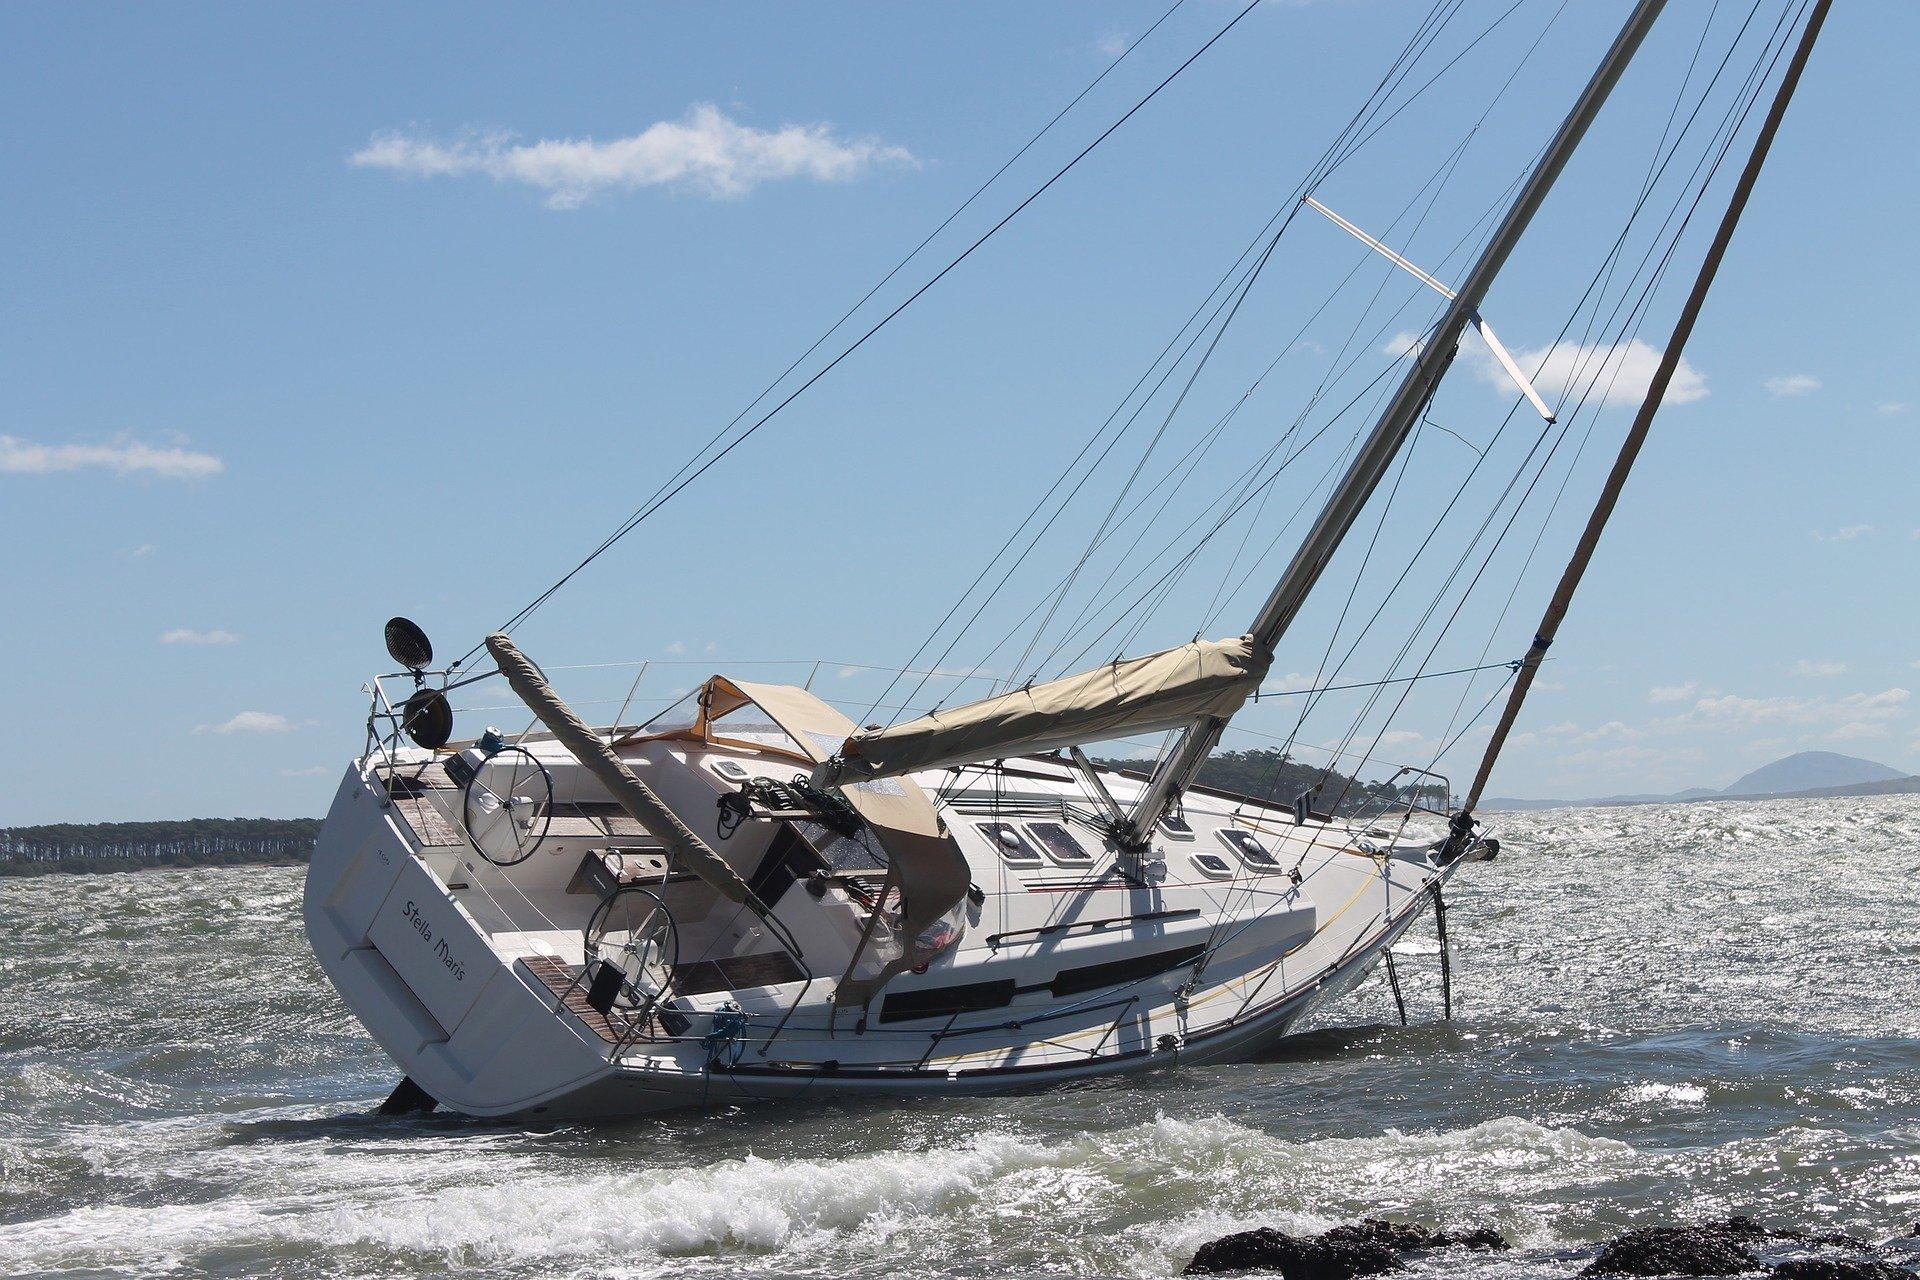 sailboat-3812244_1920